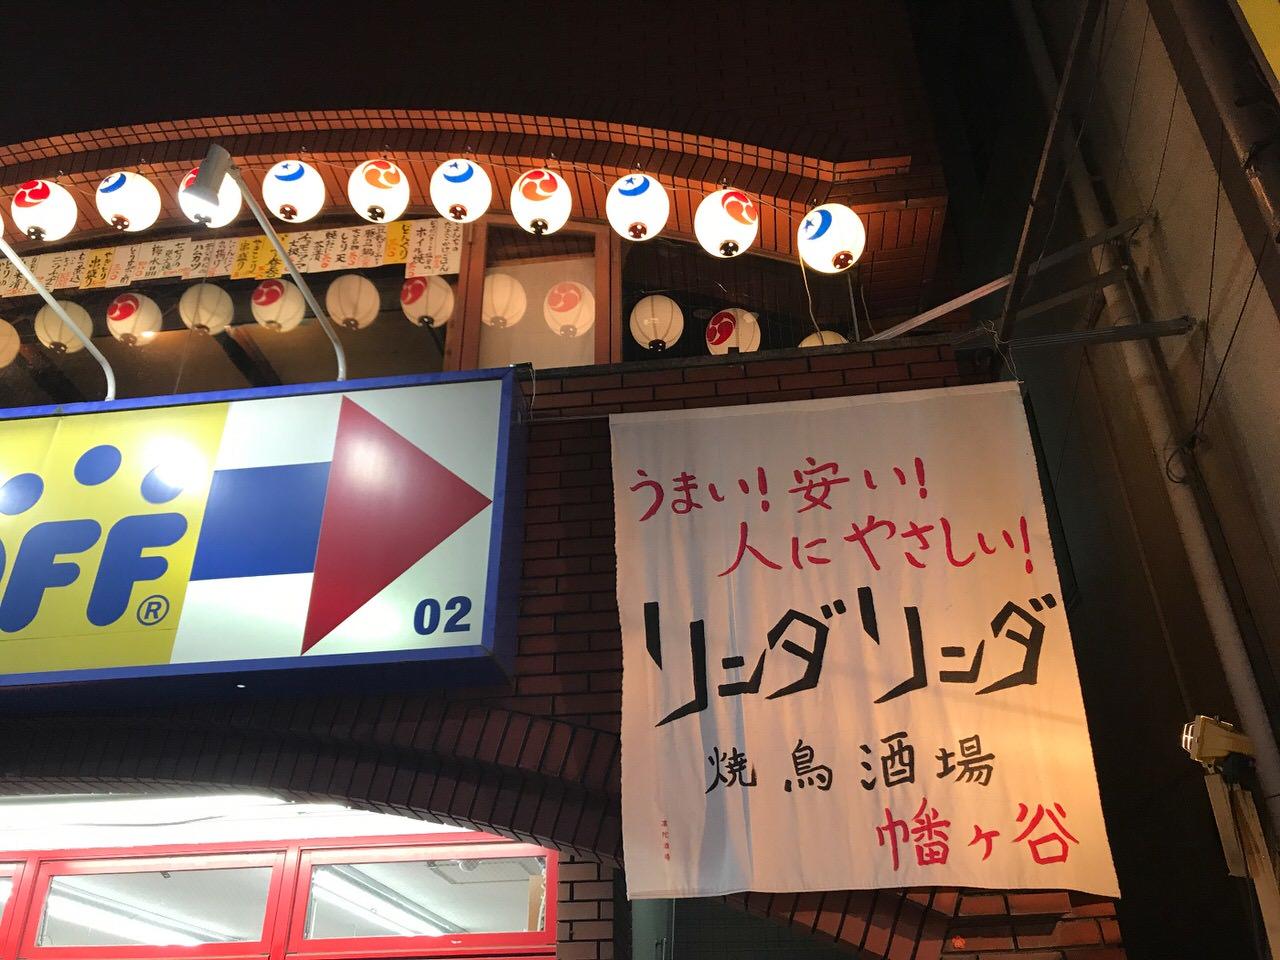 「焼鳥酒場リンダリンダ」ブルーハーツ好き、集まれ〜!チューハイ・ハイボールが280円だぞ〜!